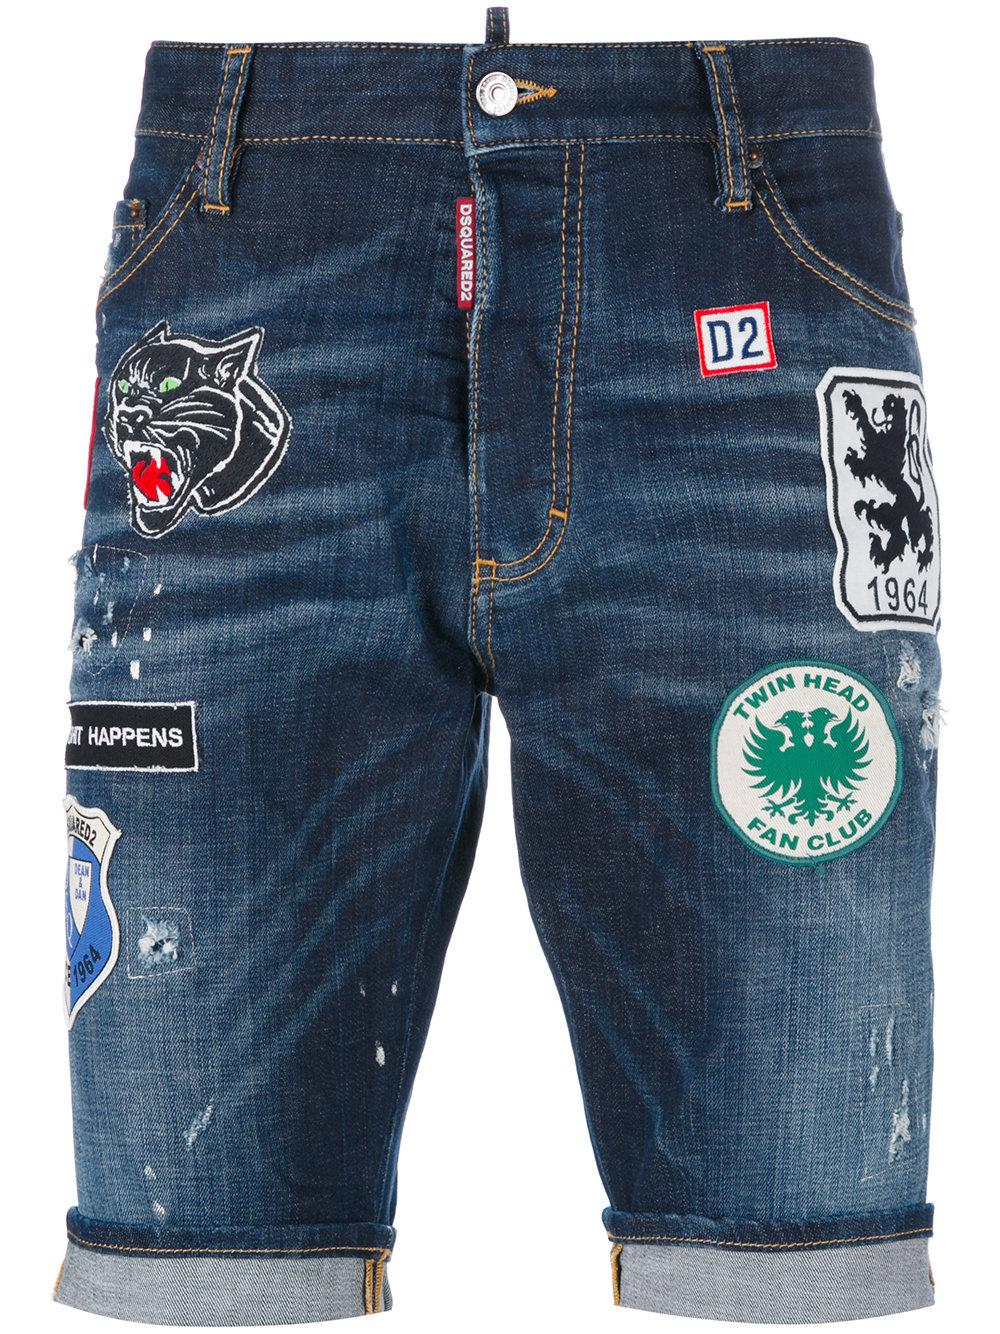 Къси дънкови панталони DSQUARED2; 706.77лв